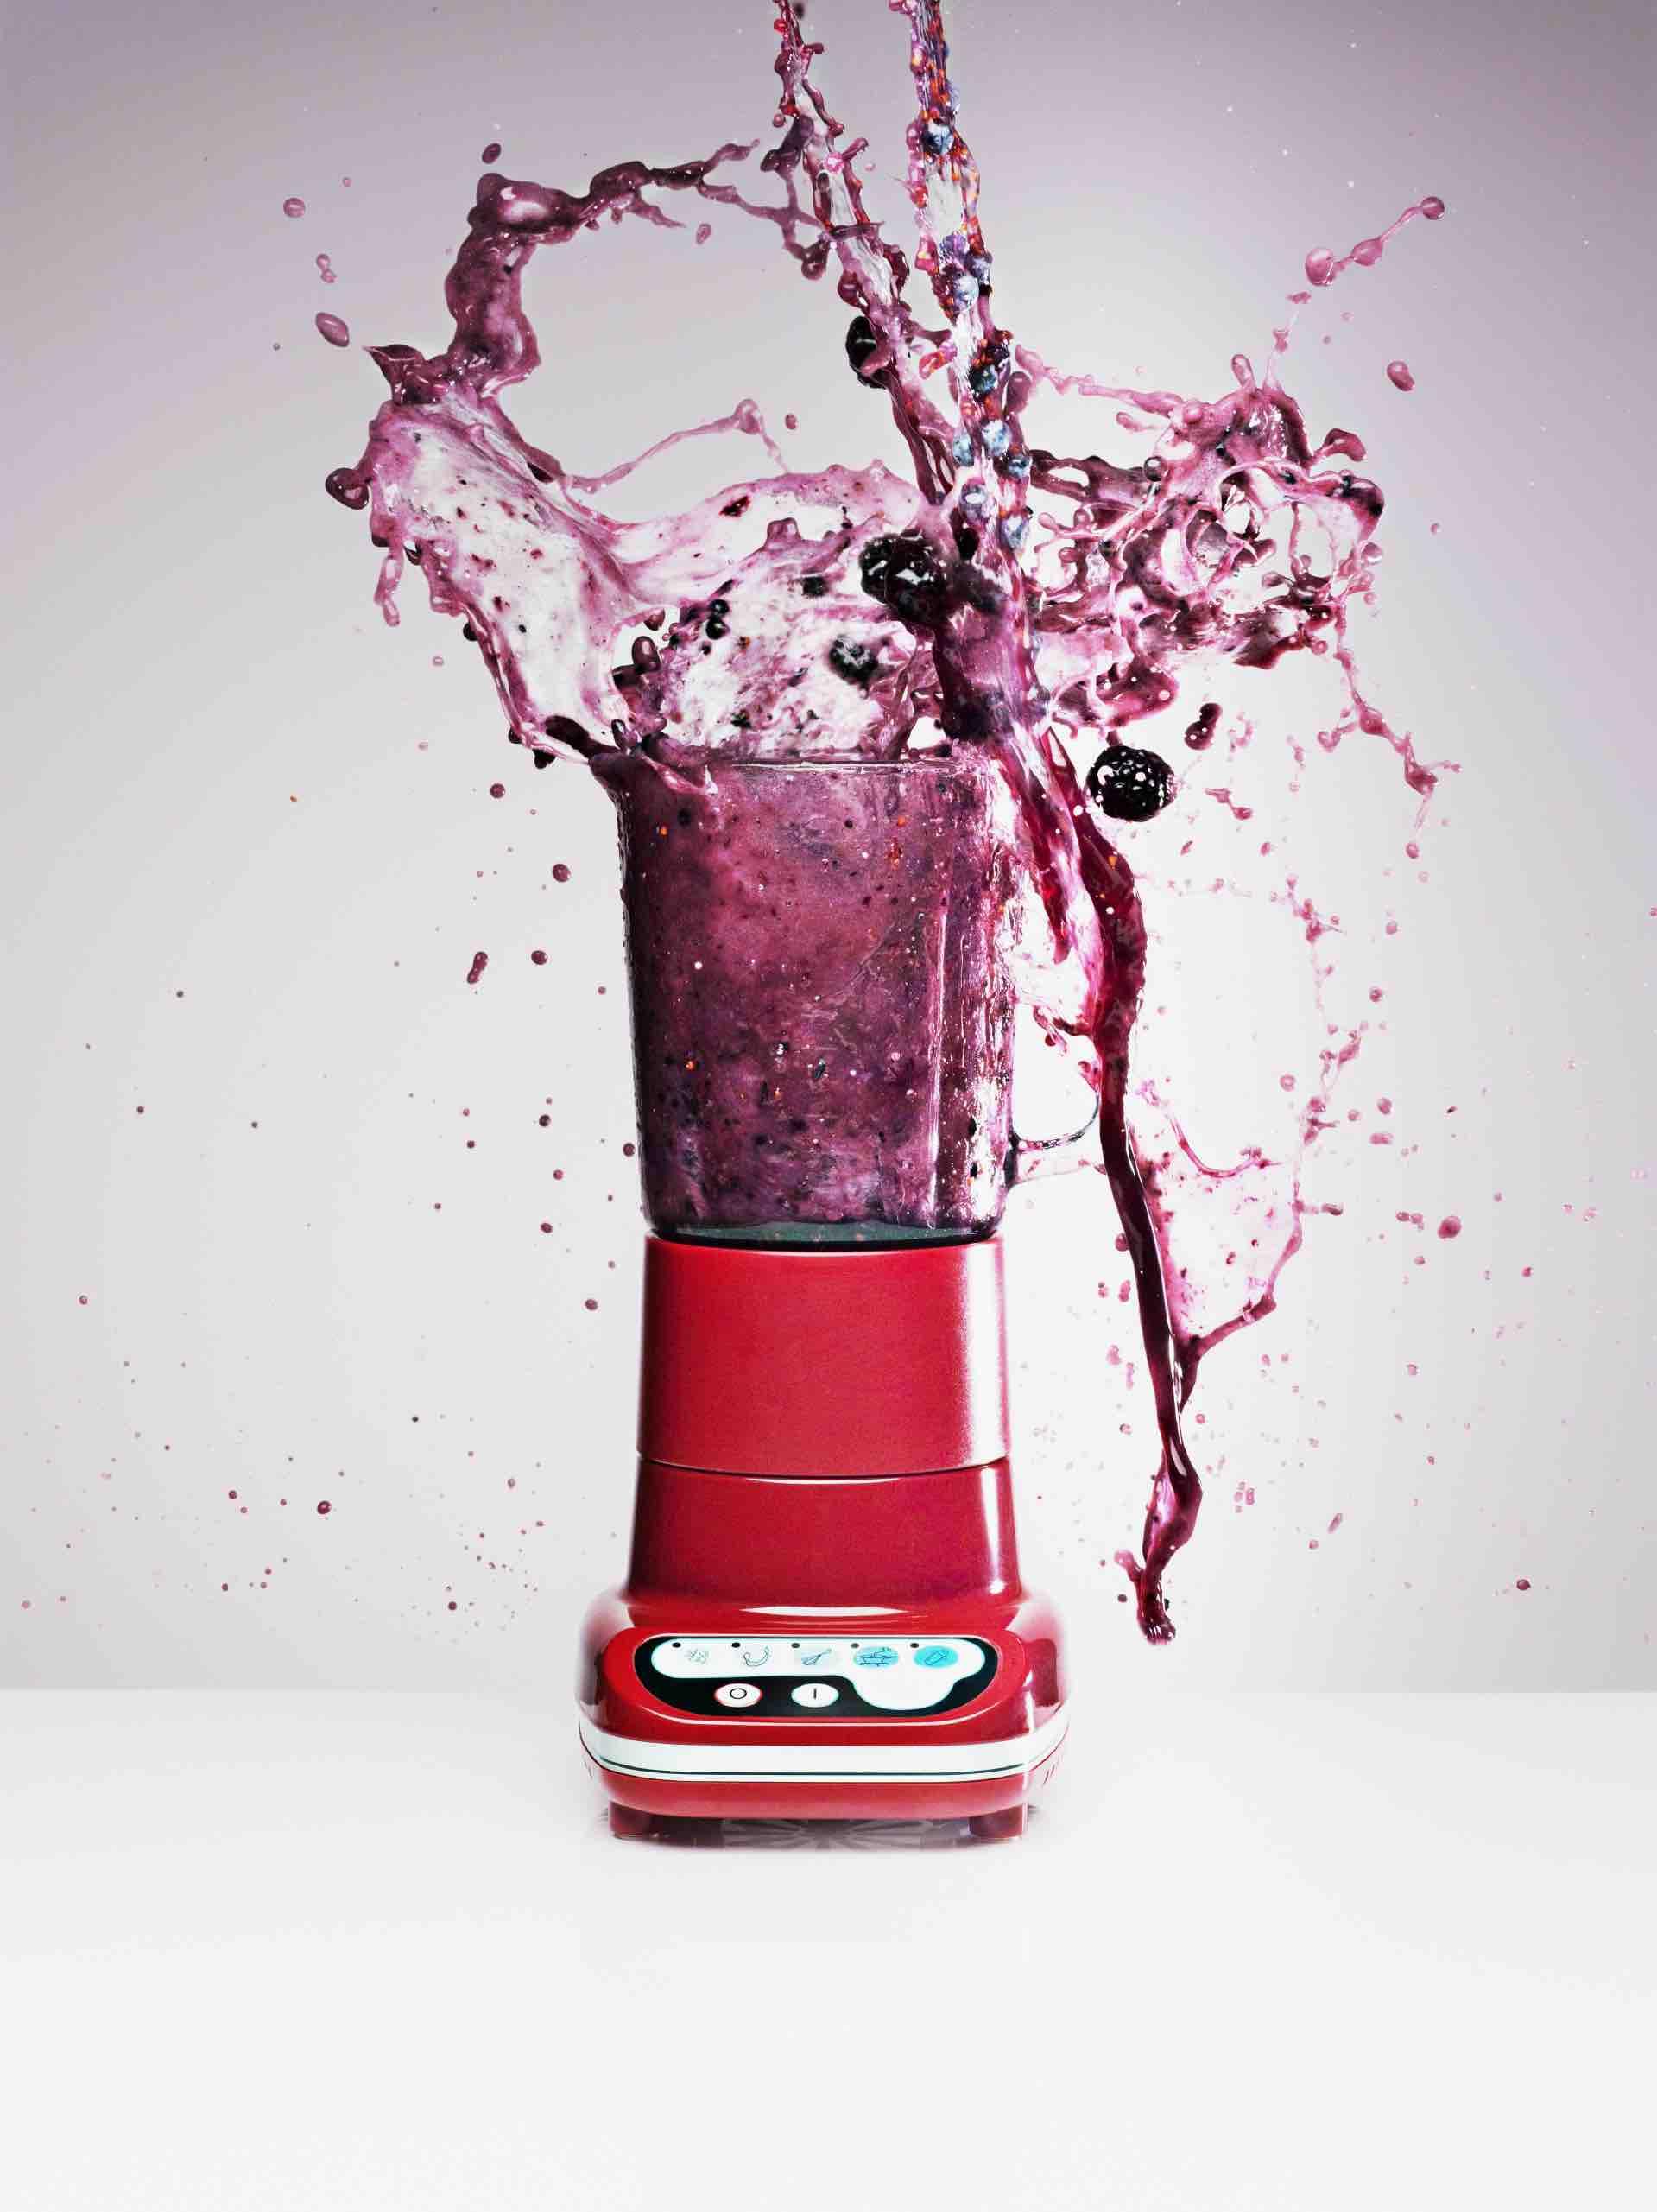 Blueberry juice splashing from blender - Bild